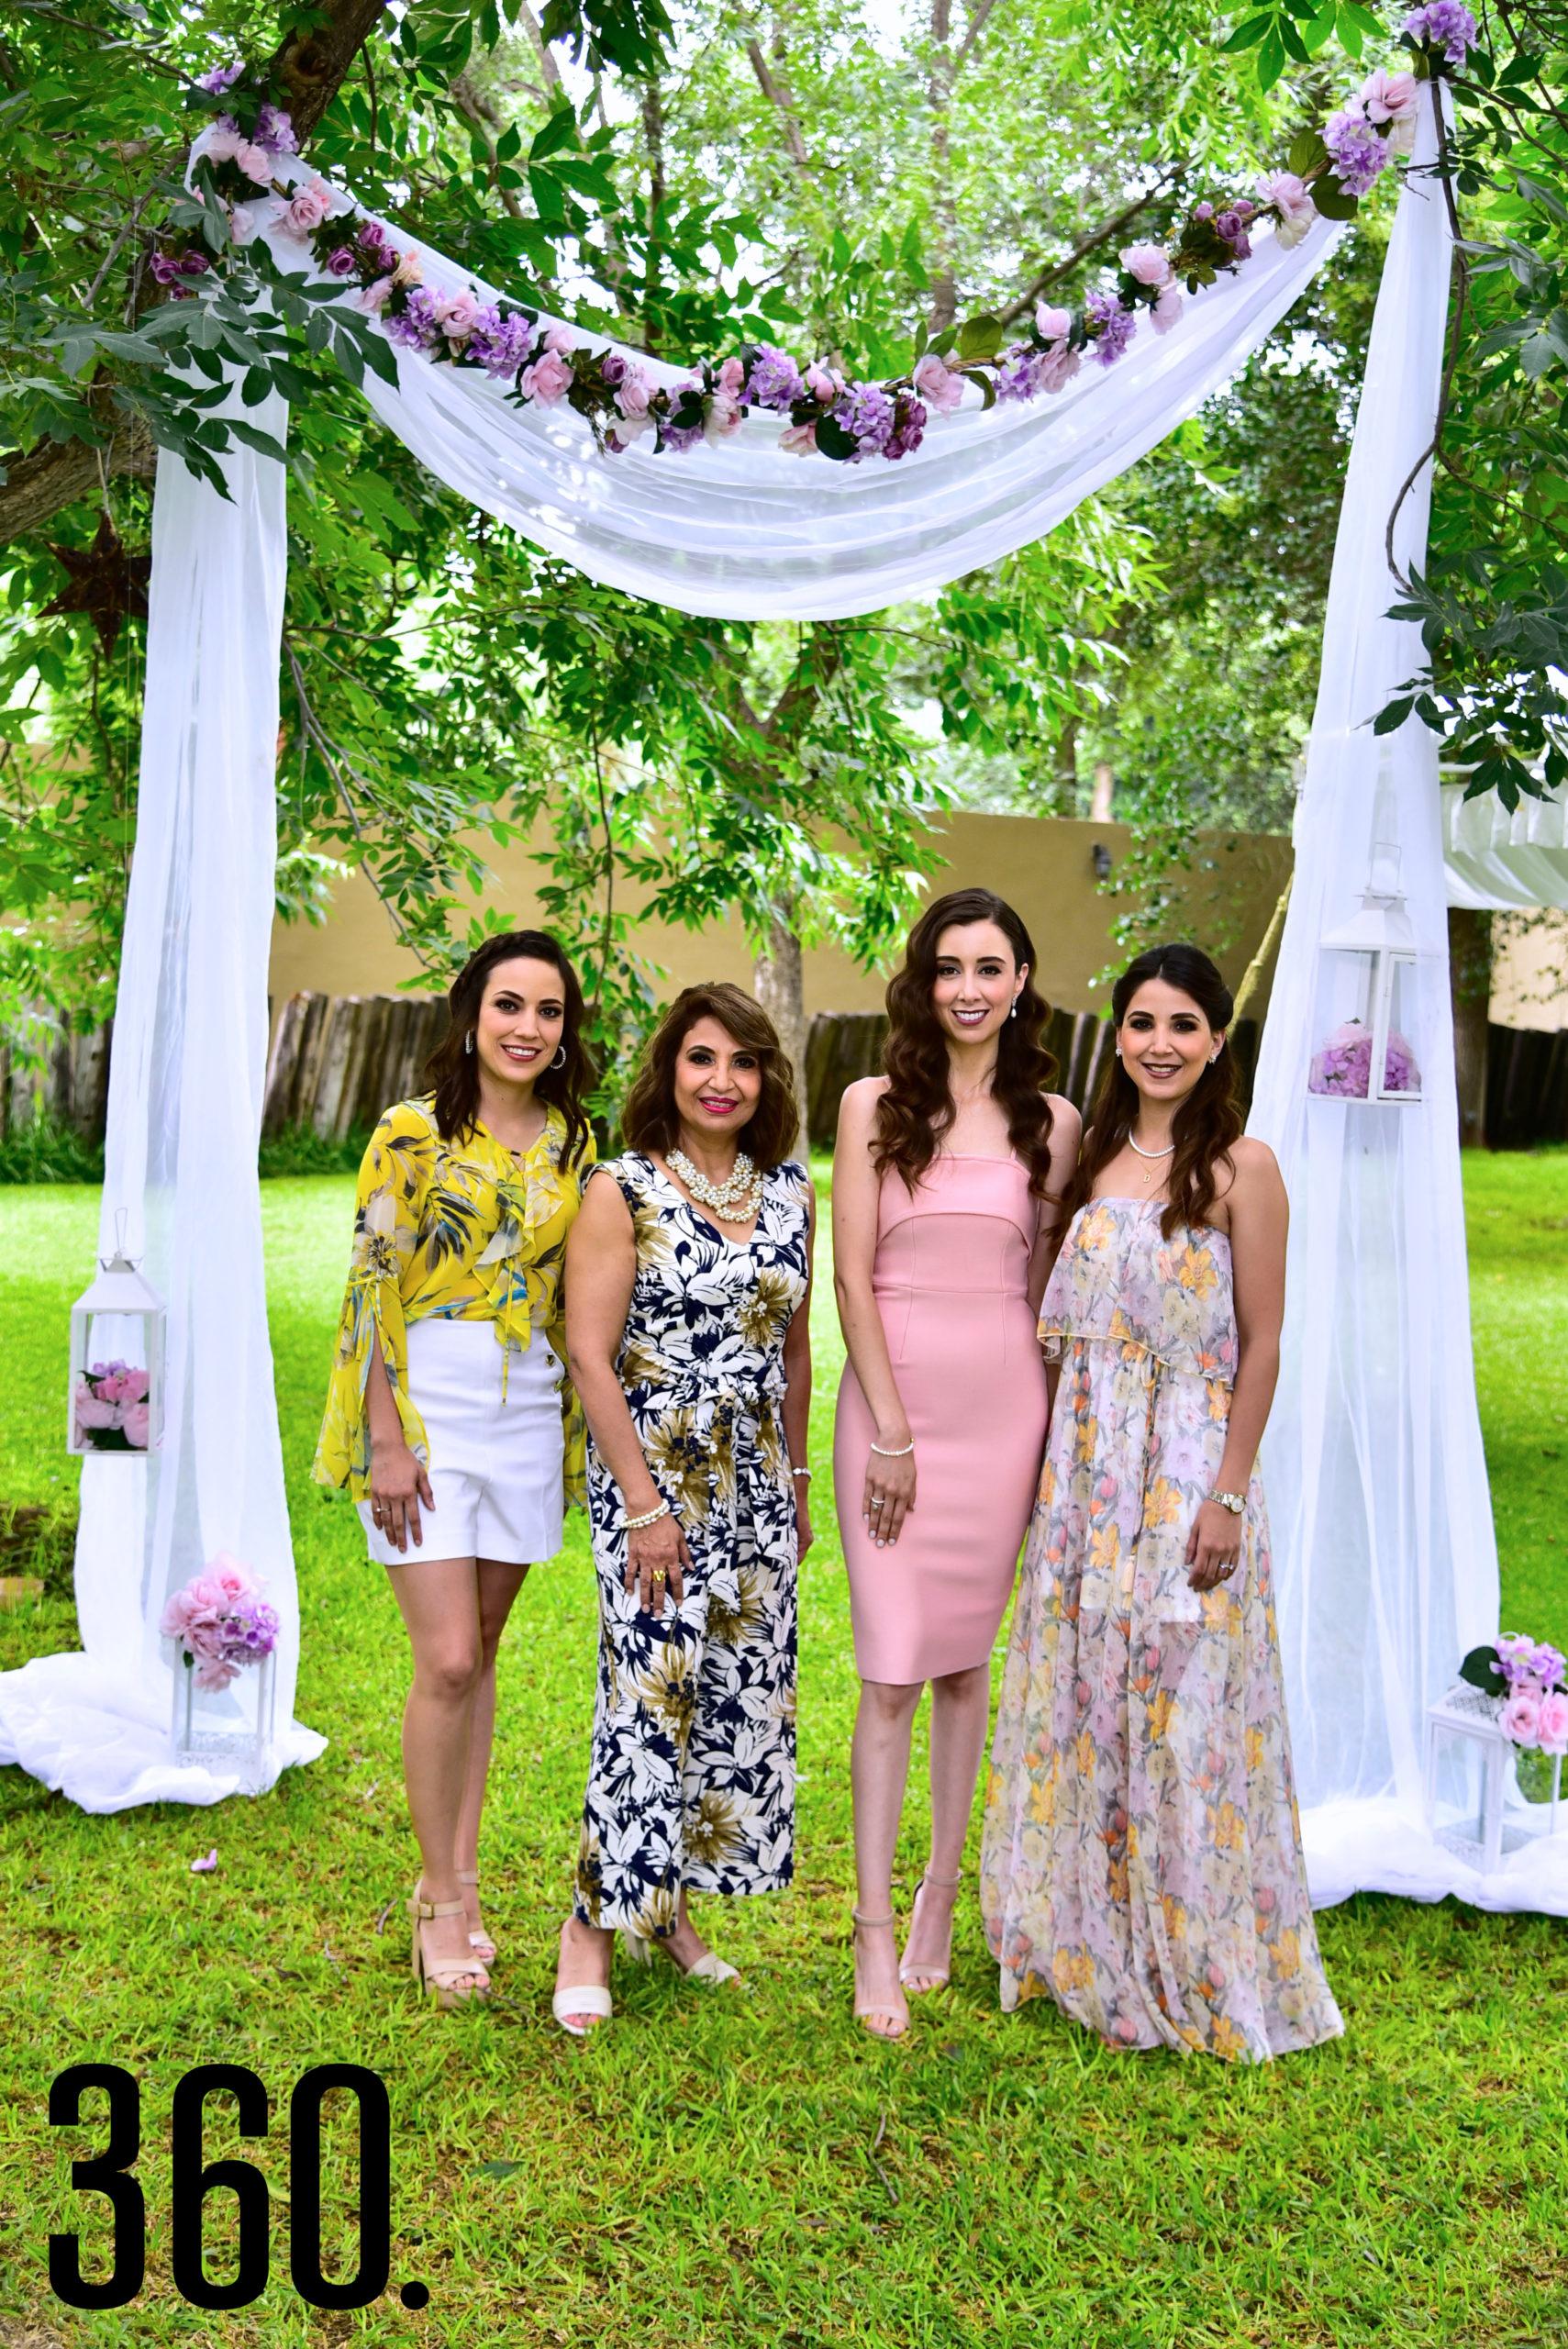 Sofía Elguezabal con las organizadoras, Karla Treviño, Martha Mireya Munguía y Daniela Treviño.